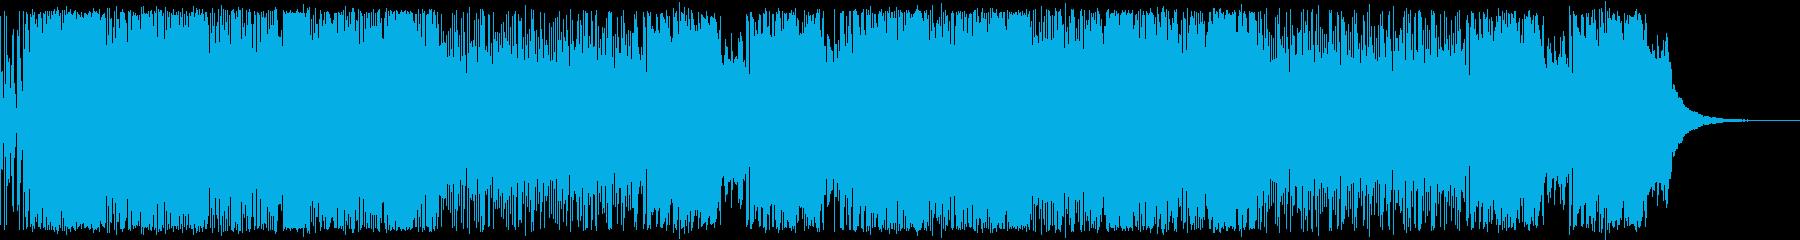 酒場をイメージしたケルト音楽の再生済みの波形